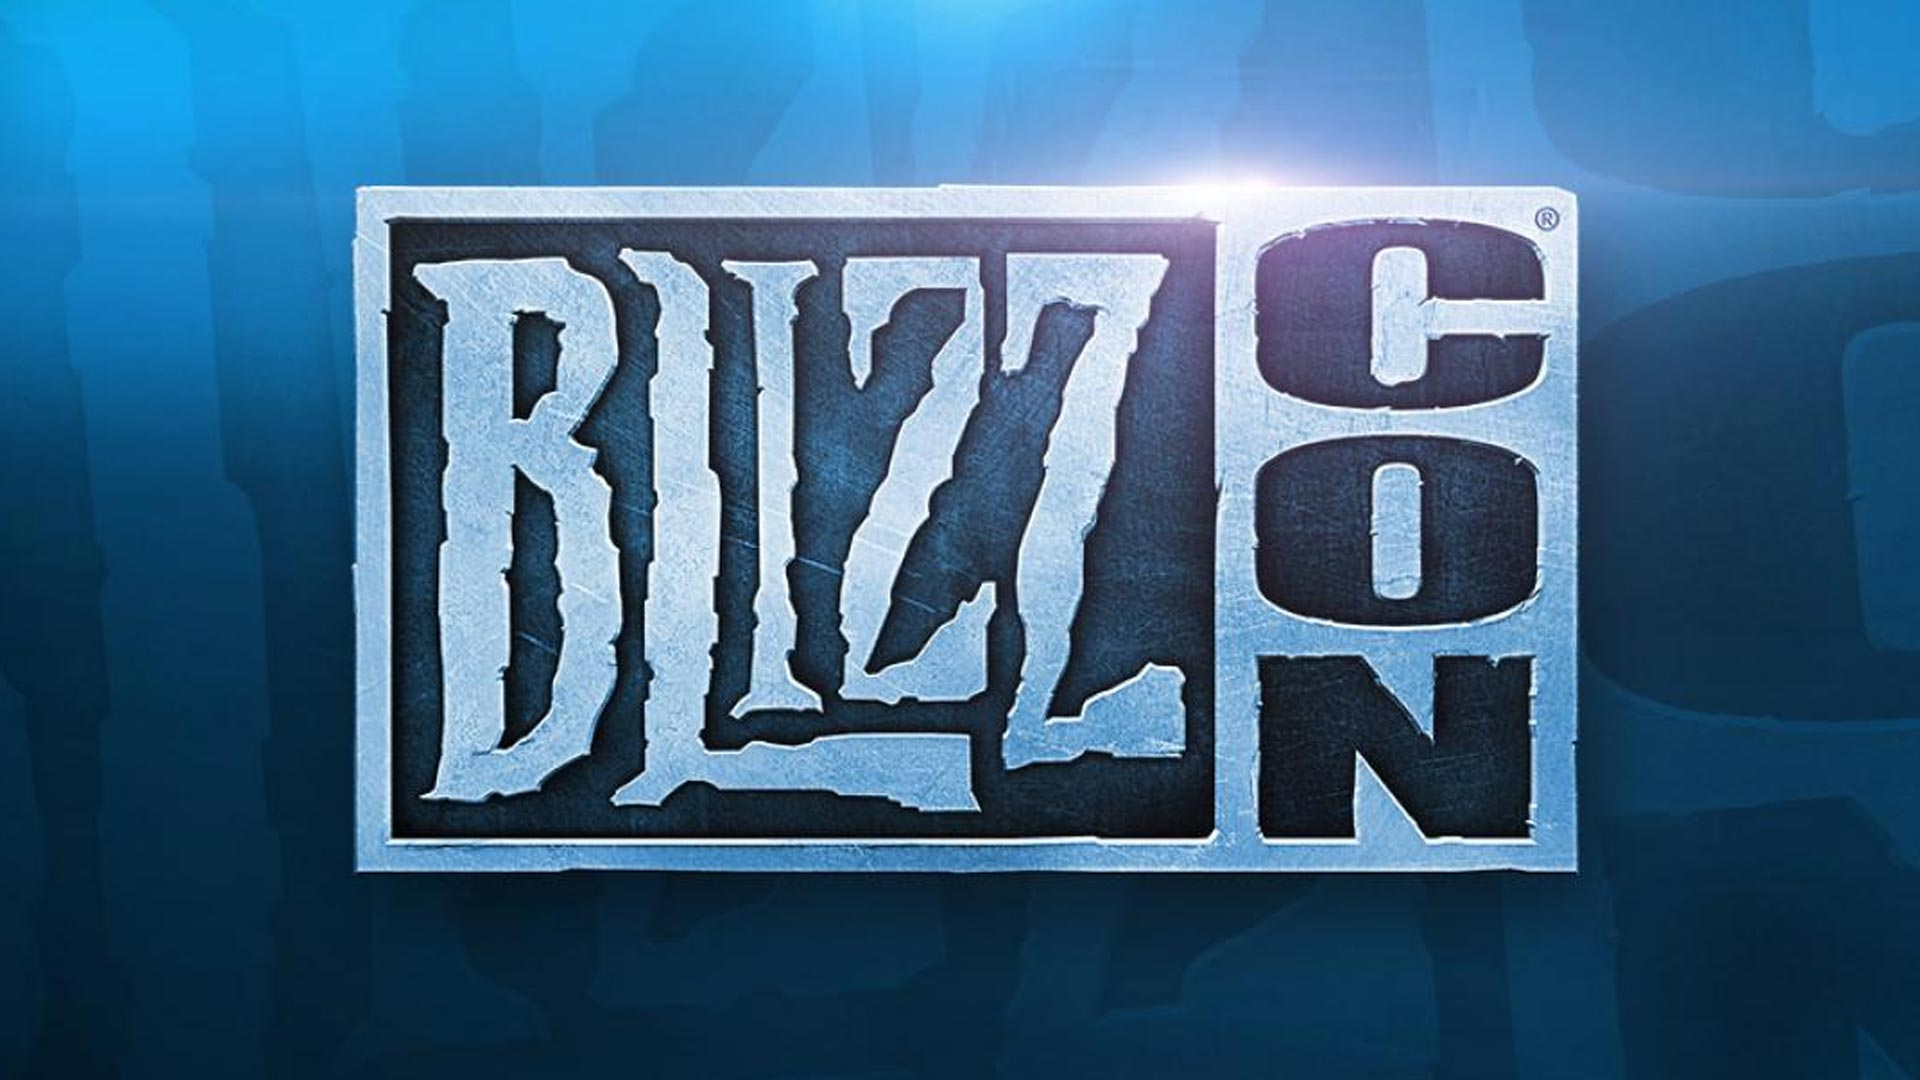 ใครไหวเปย์ก่อนเลย! BlizzCon®2019 ซื้อบัตรได้ 4 และ 8 พฤษภาคมนี้เท่านั้น!!